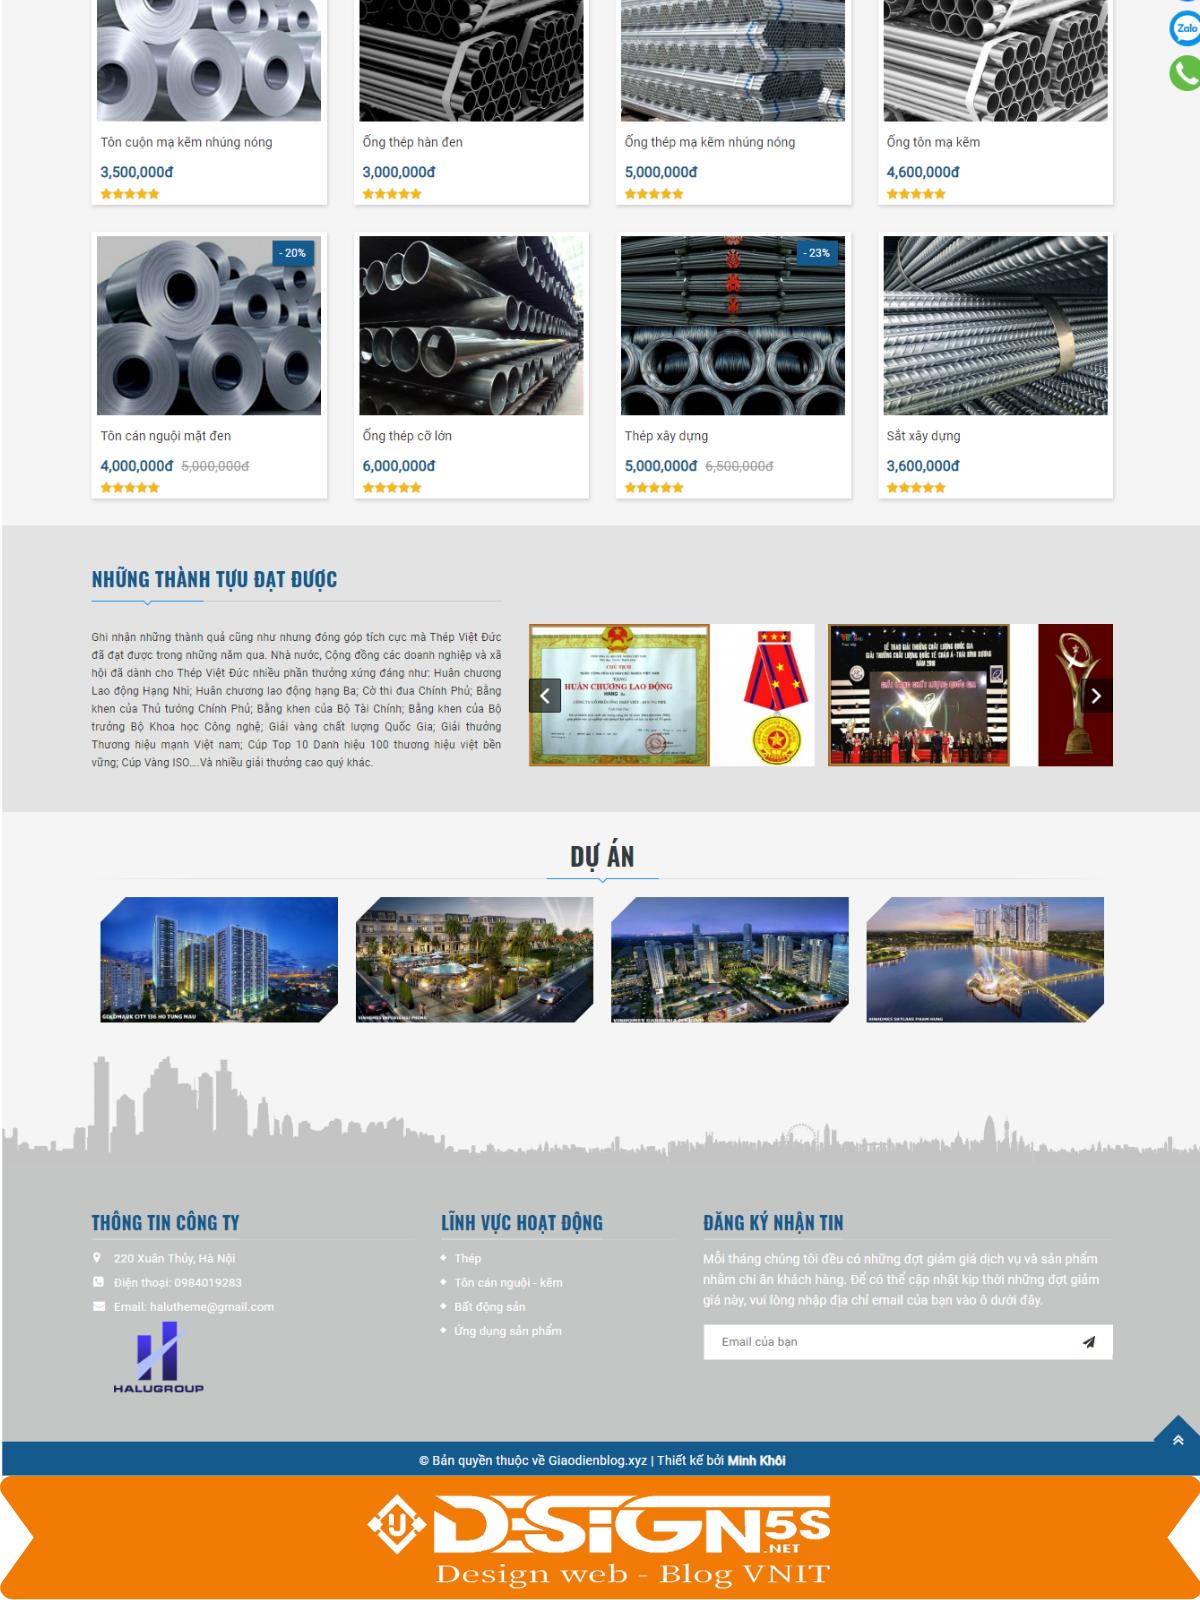 Template blogspot công ty kèm bán sản phẩm Halugroup VSM02 - Ảnh 2